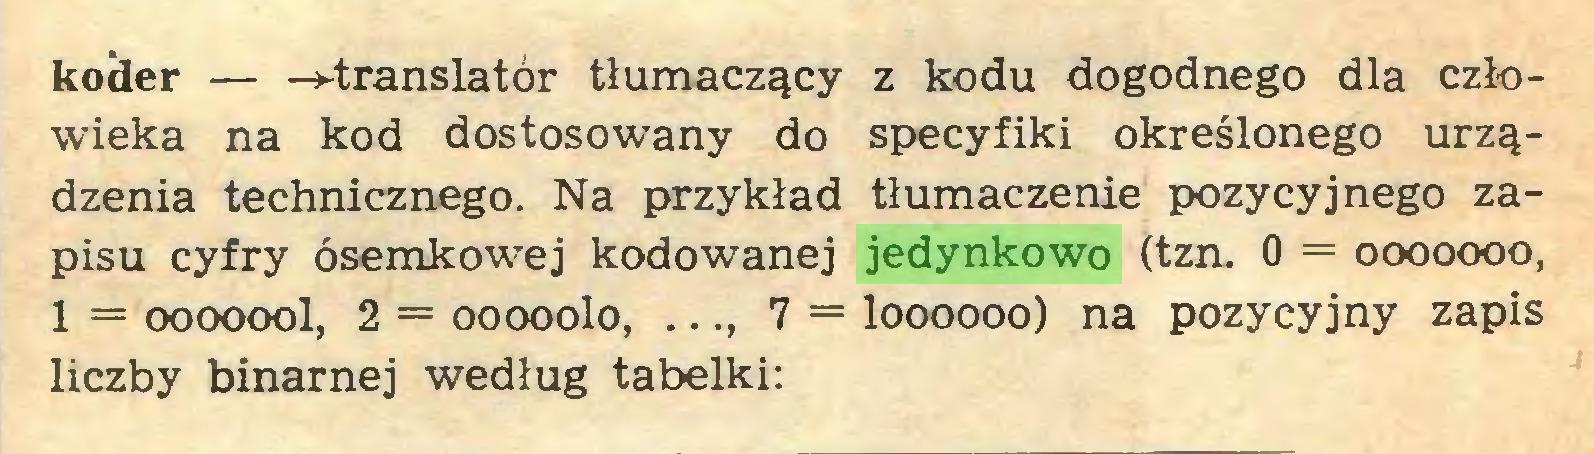 (...) koder — -»-translator tłumaczący z kodu dogodnego dla człowieka na kod dostosowany do specyfiki określonego urządzenia technicznego. Na przykład tłumaczenie pozycyjnego zapisu cyfry ósemkowej kodowanej jedynkowo (tzn. 0 = ooooooo, 1 = ooooool, 2 = ooooolo, ..., 7 = loooooo) na pozycyjny zapis liczby binarnej według tabelki:...